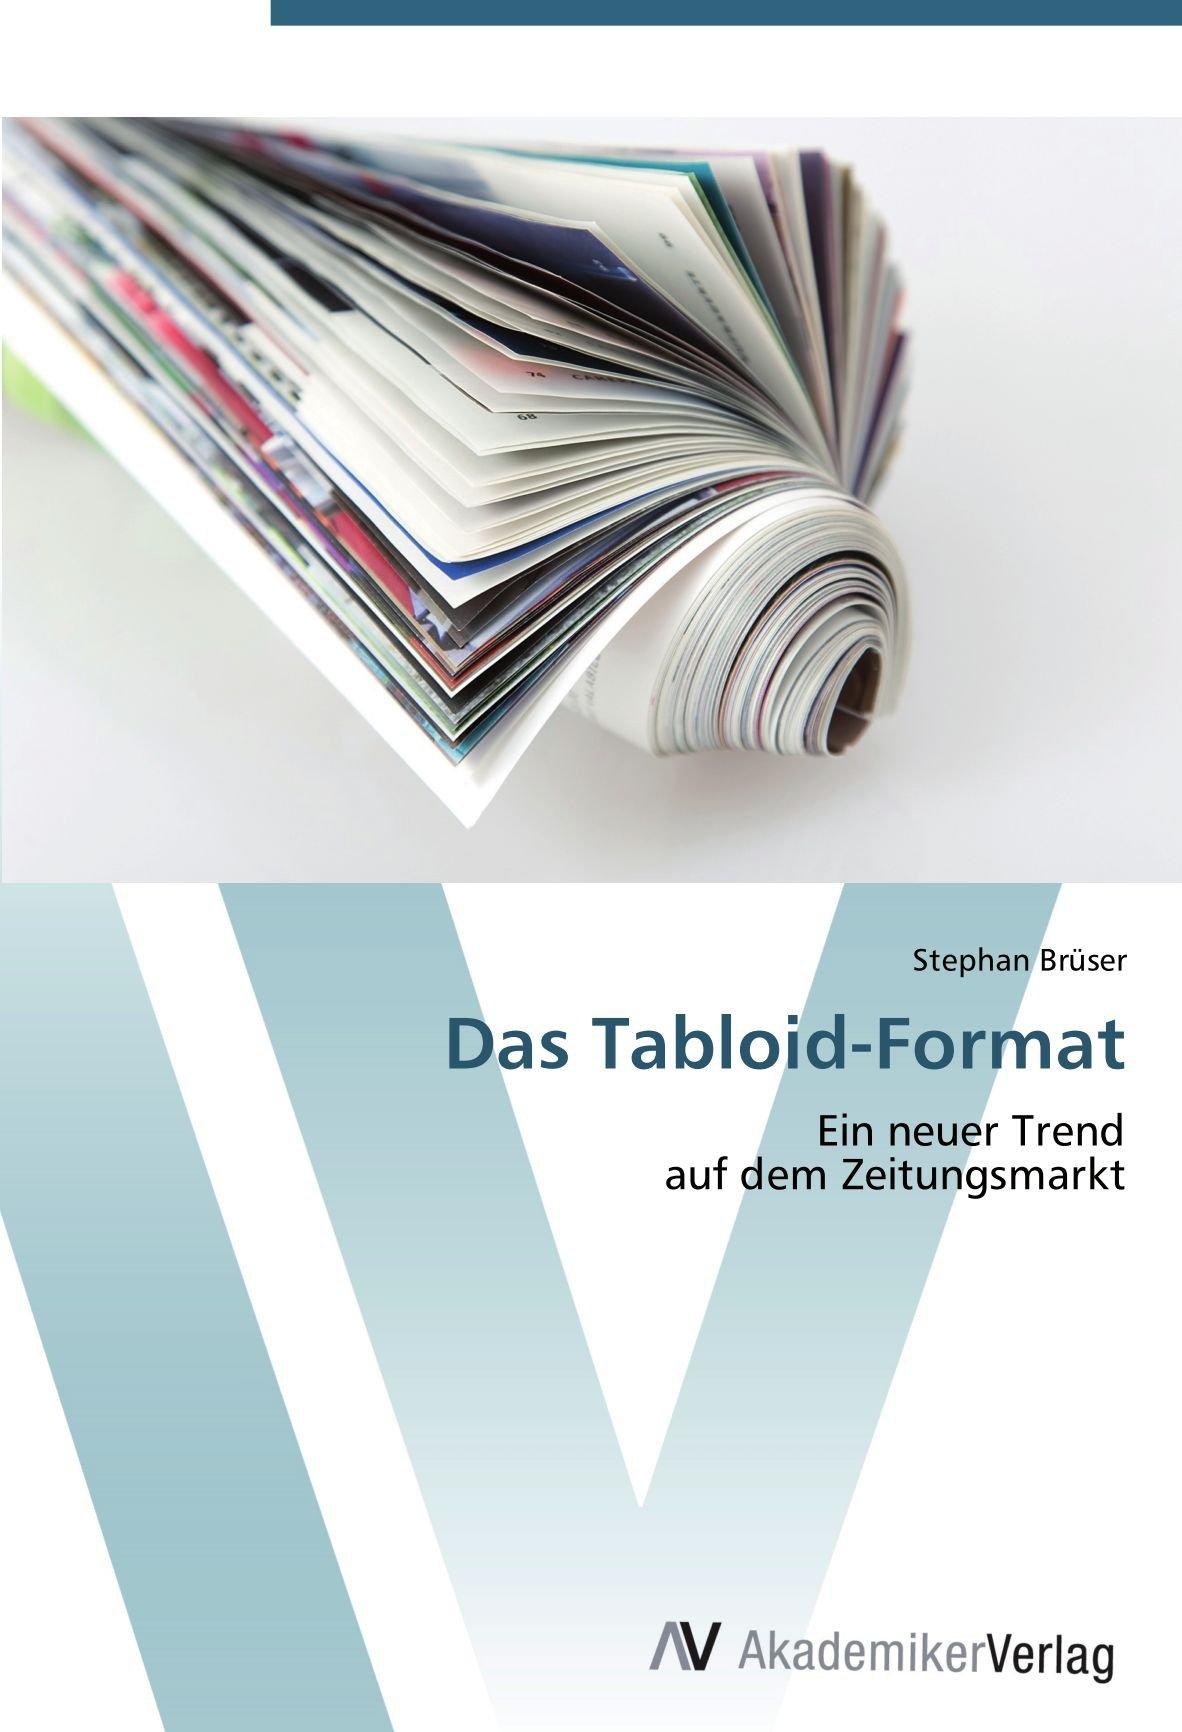 Das Tabloid-Format: Ein neuer Trend auf dem Zeitungsmarkt